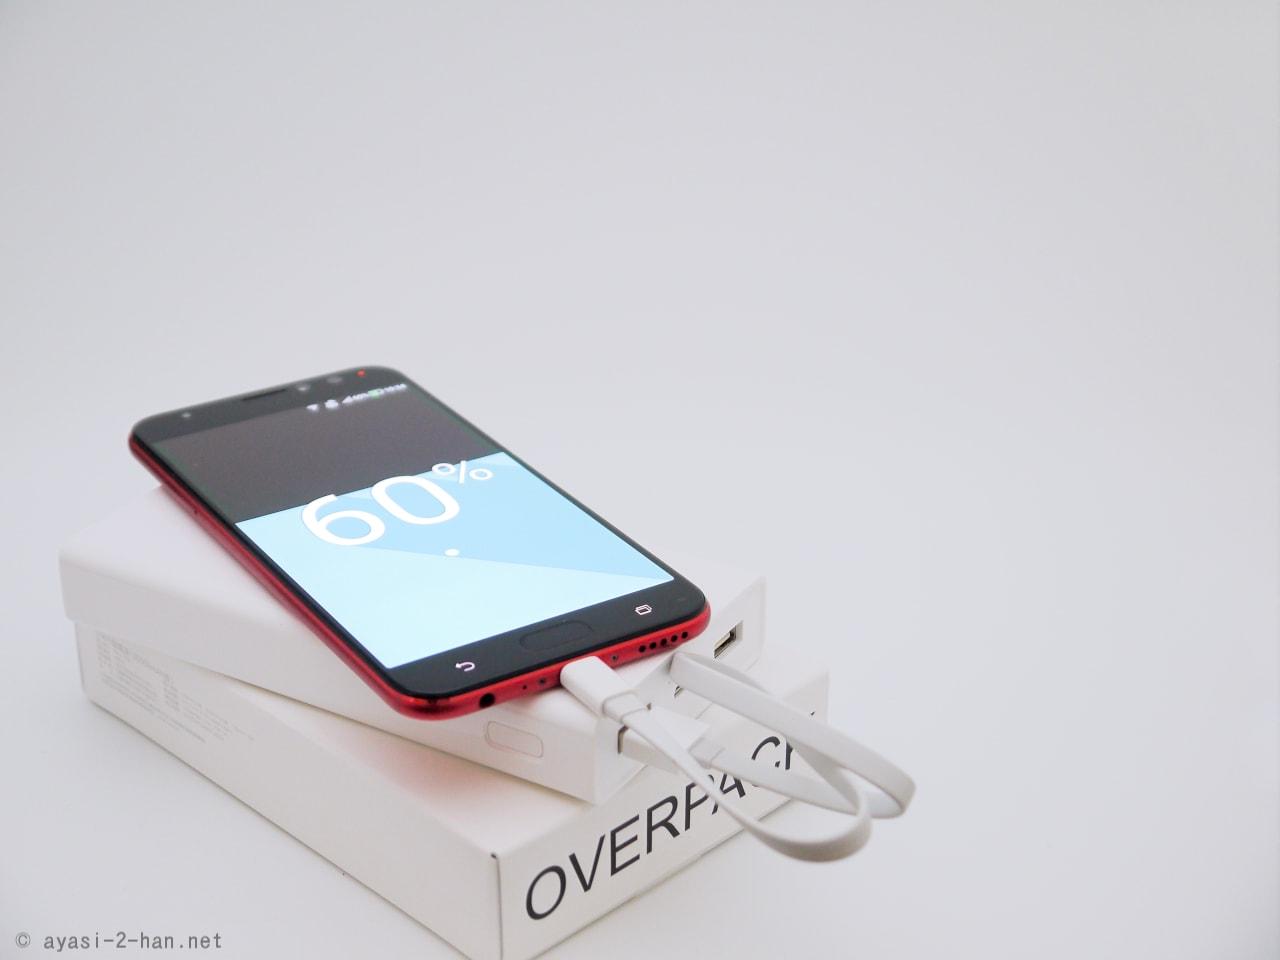 安くて軽くて高性能! シャオミのモバイルバッテリーがけっこう良い。